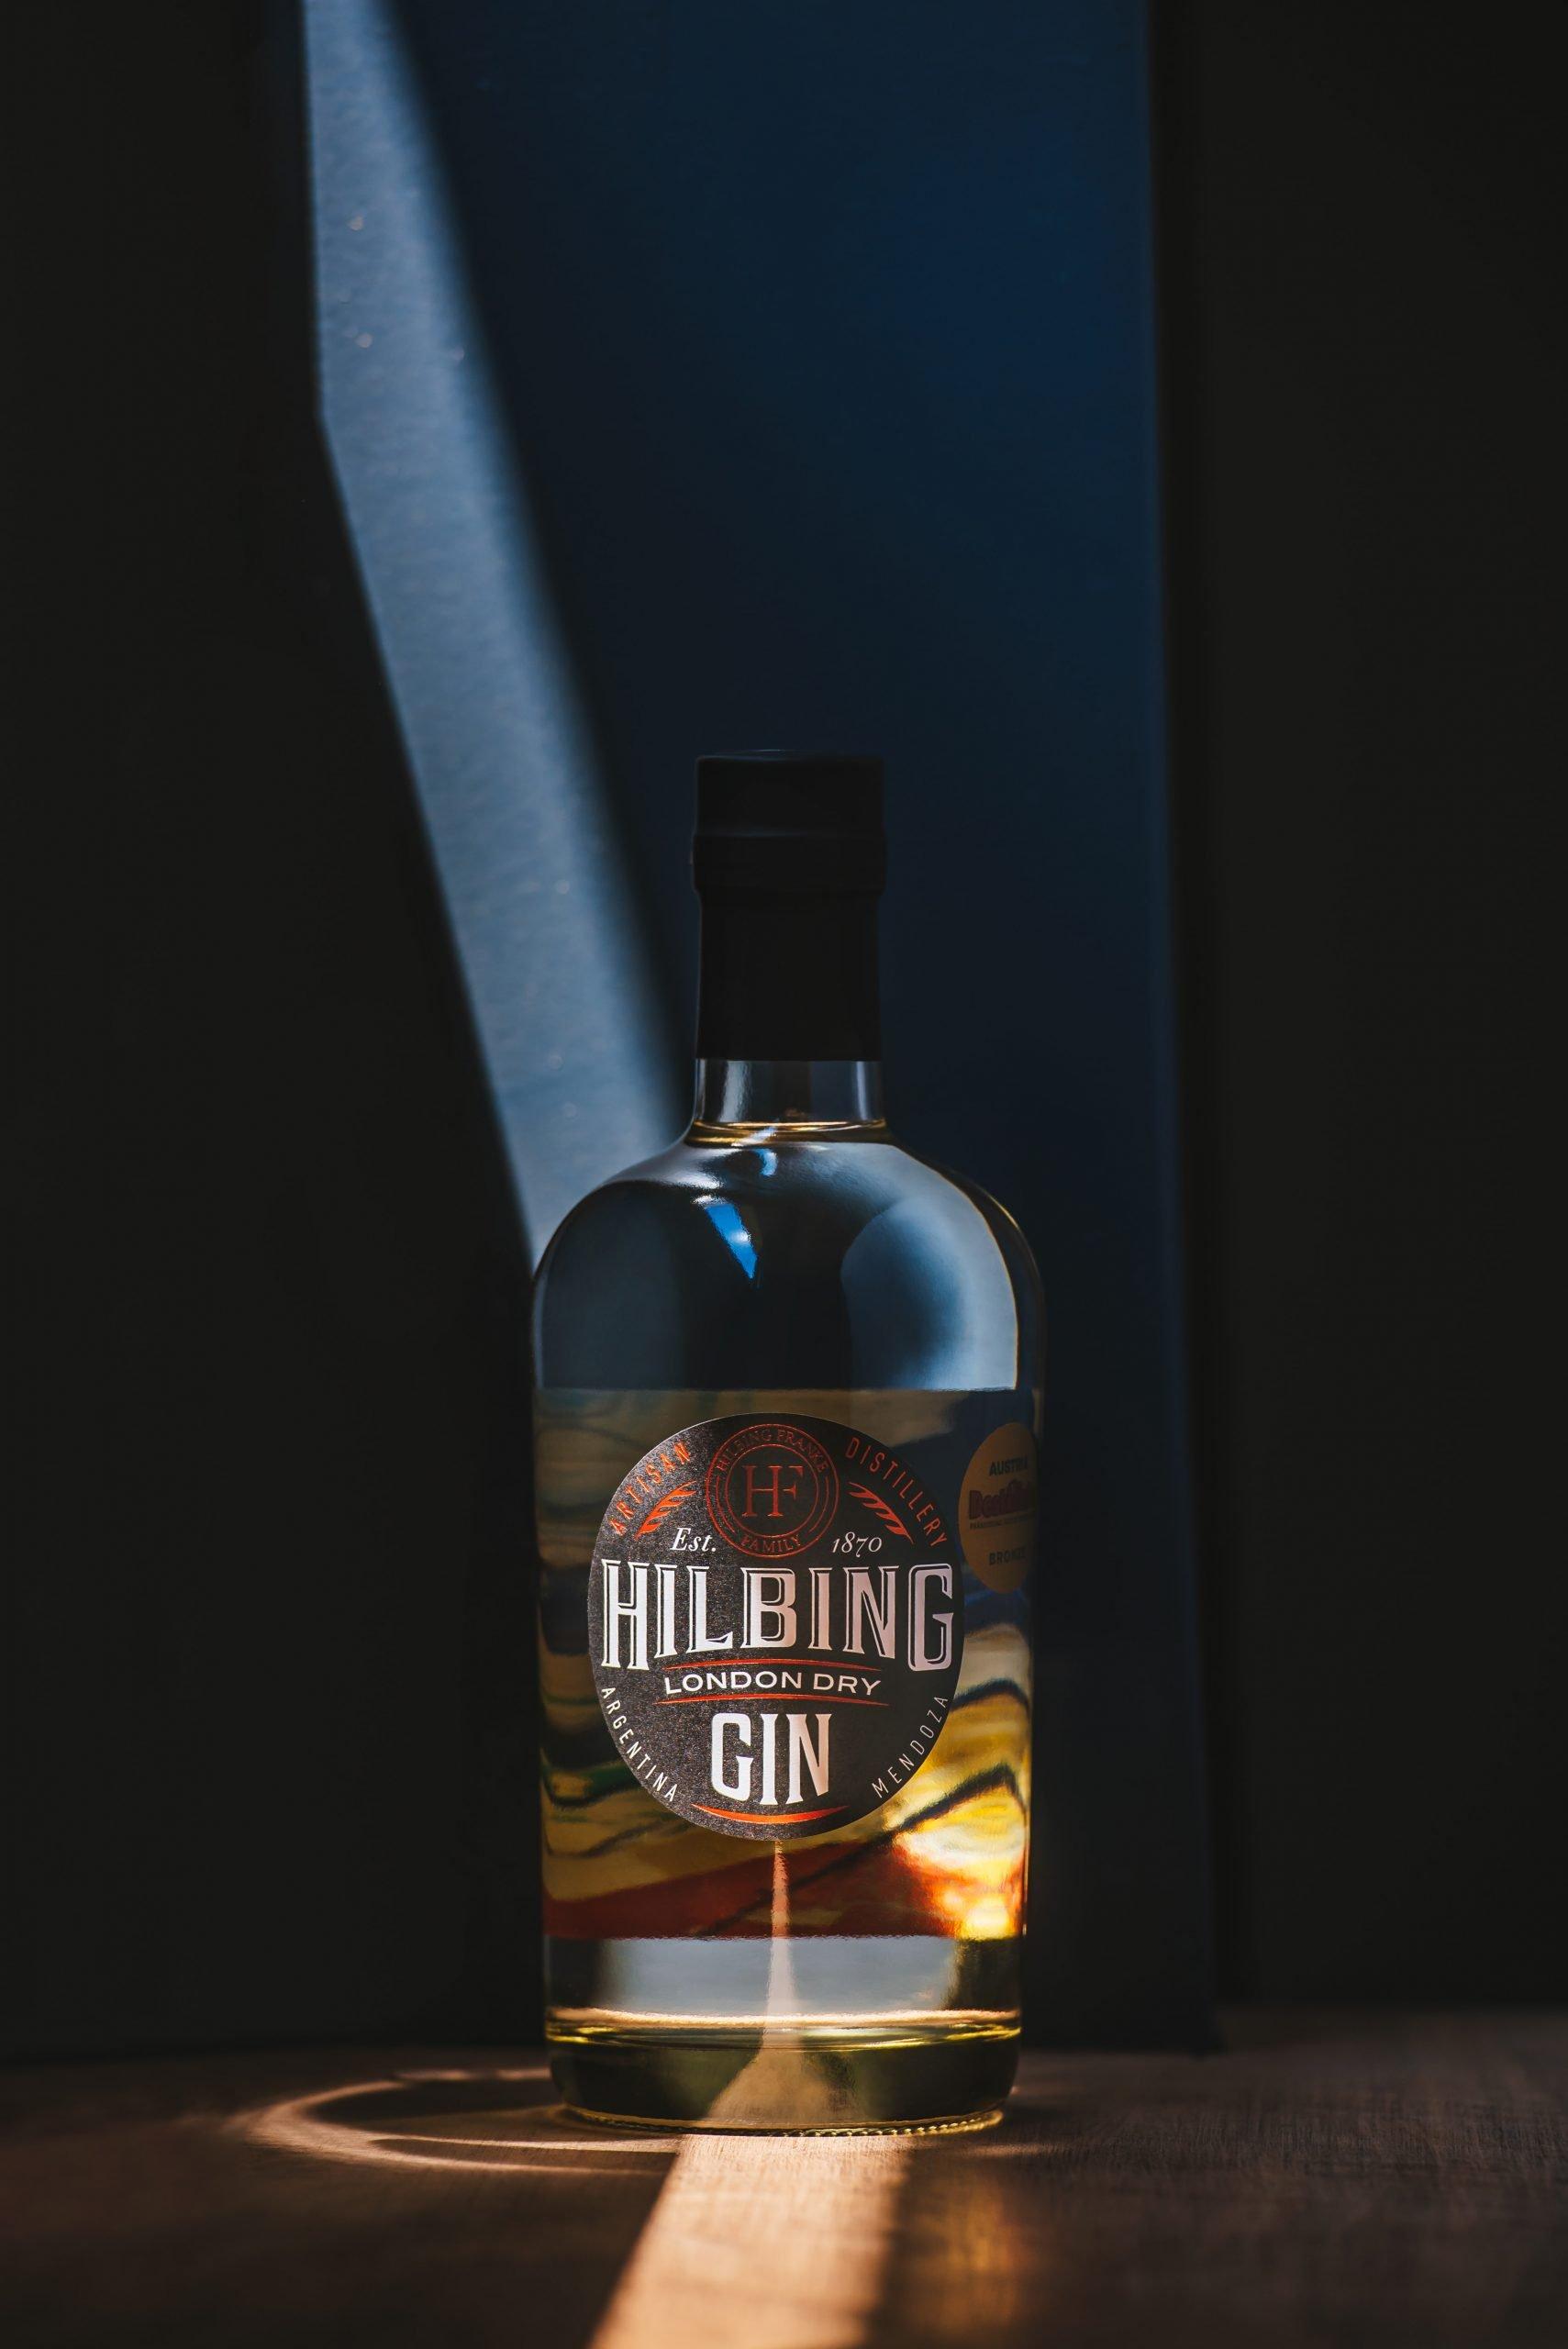 Día Mundial del Gin Hilbing london dry